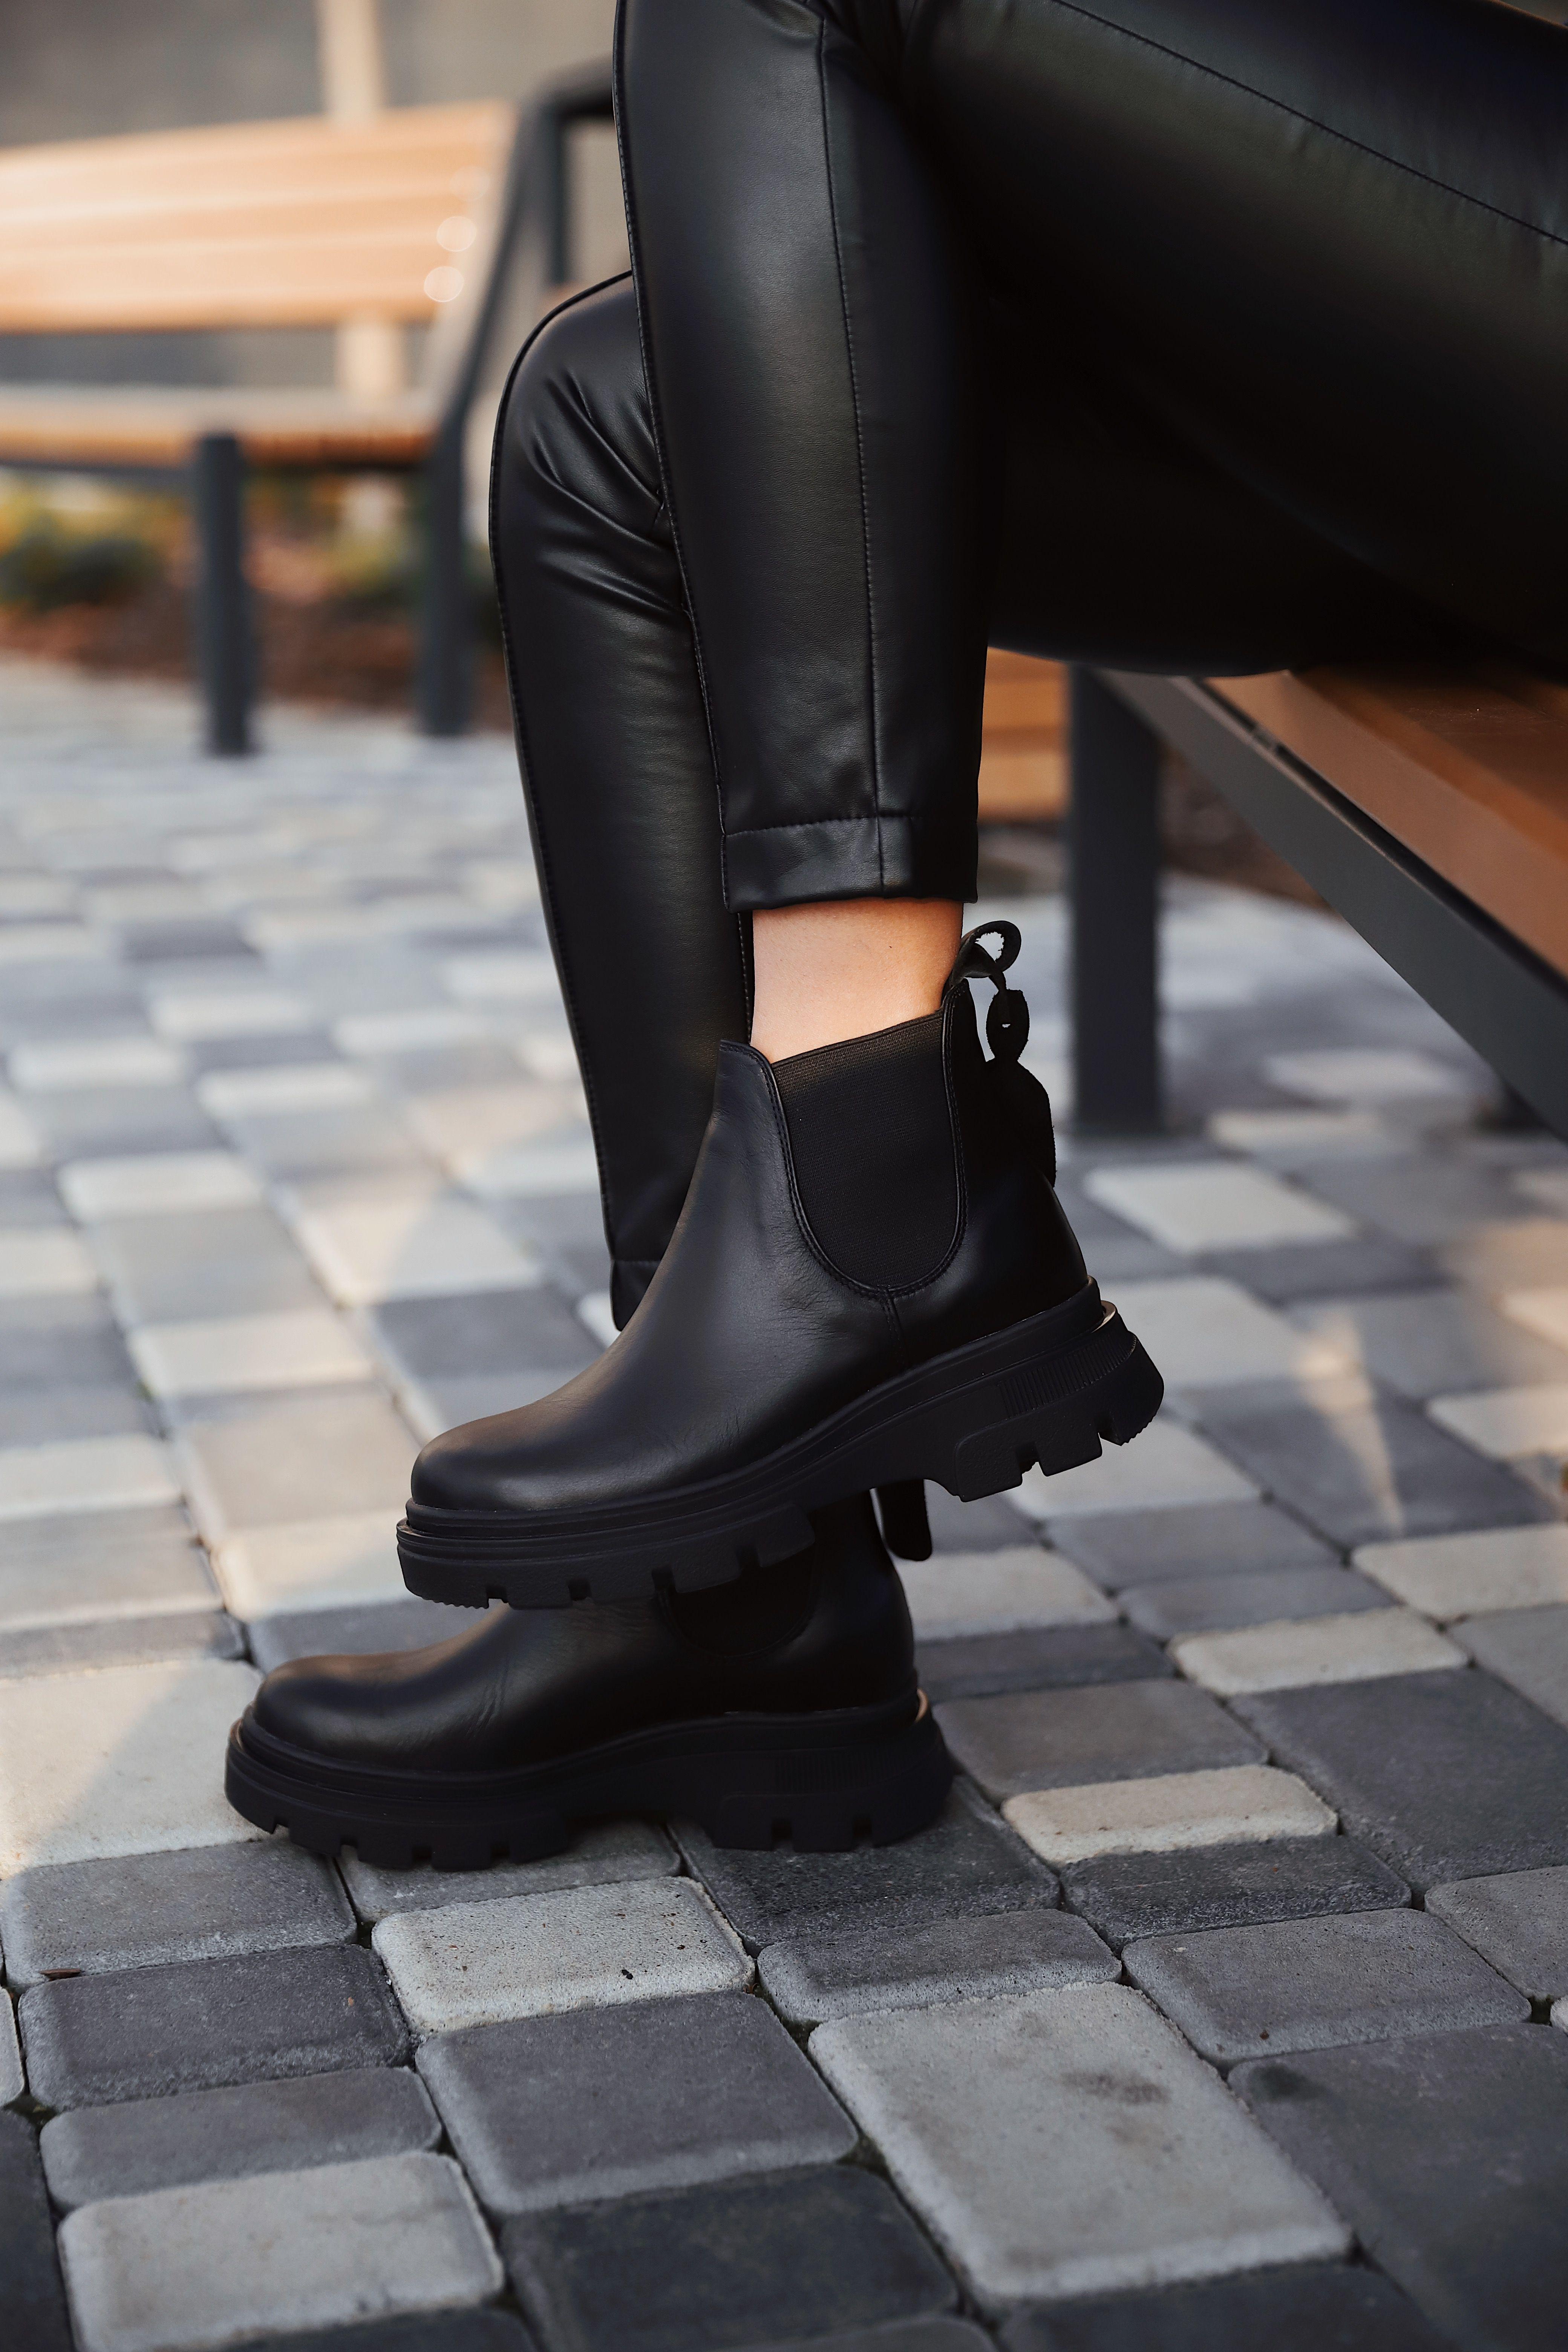 Grubye Chernye Botinki Chelsi One By One Rough Black Chelsea Boots Chernye Botinki Botinki Chelsi Botinki Zhenskie